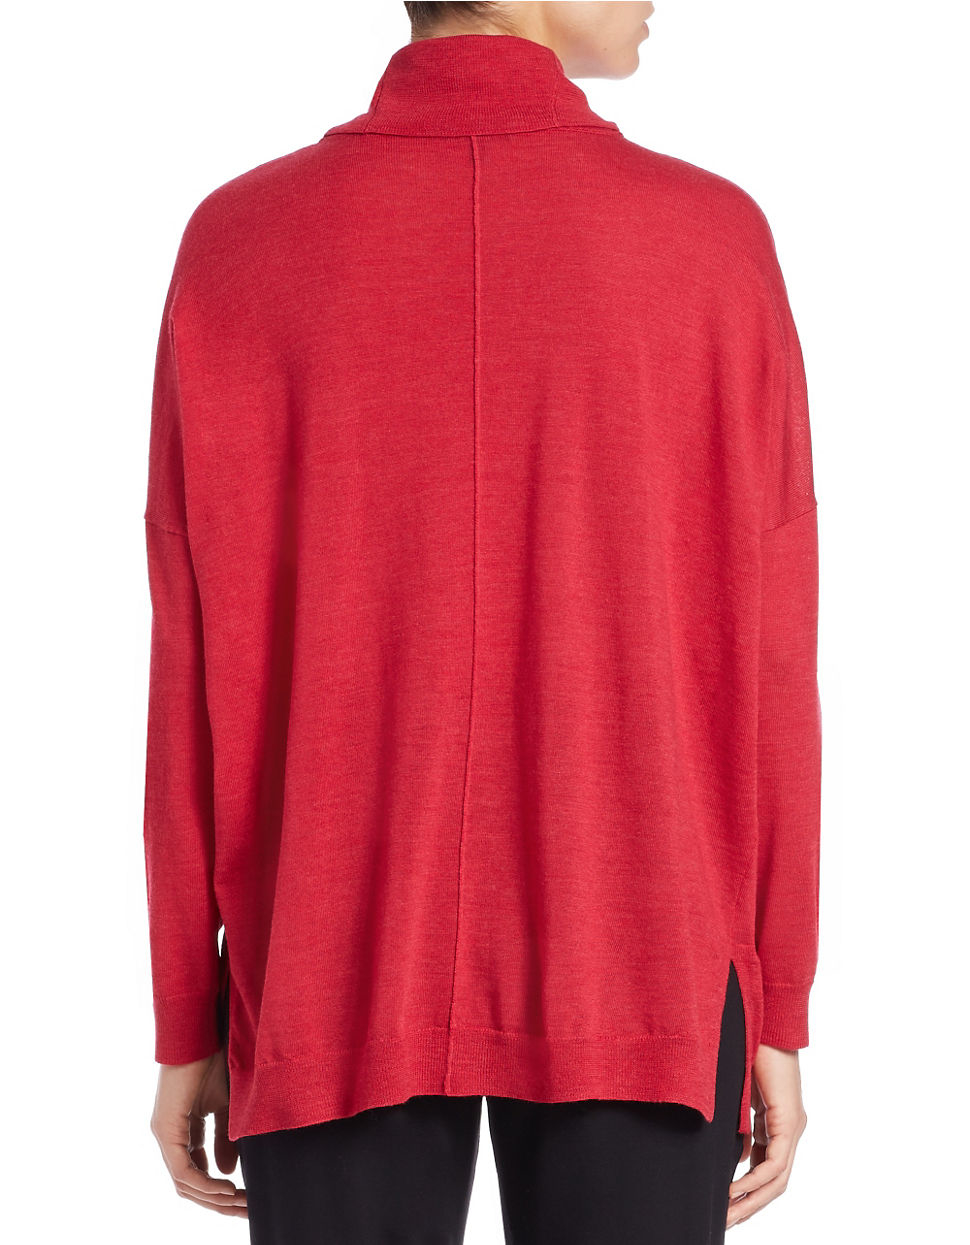 Eileen Fisher Relaxed Merino Wool Turtleneck Sweater In